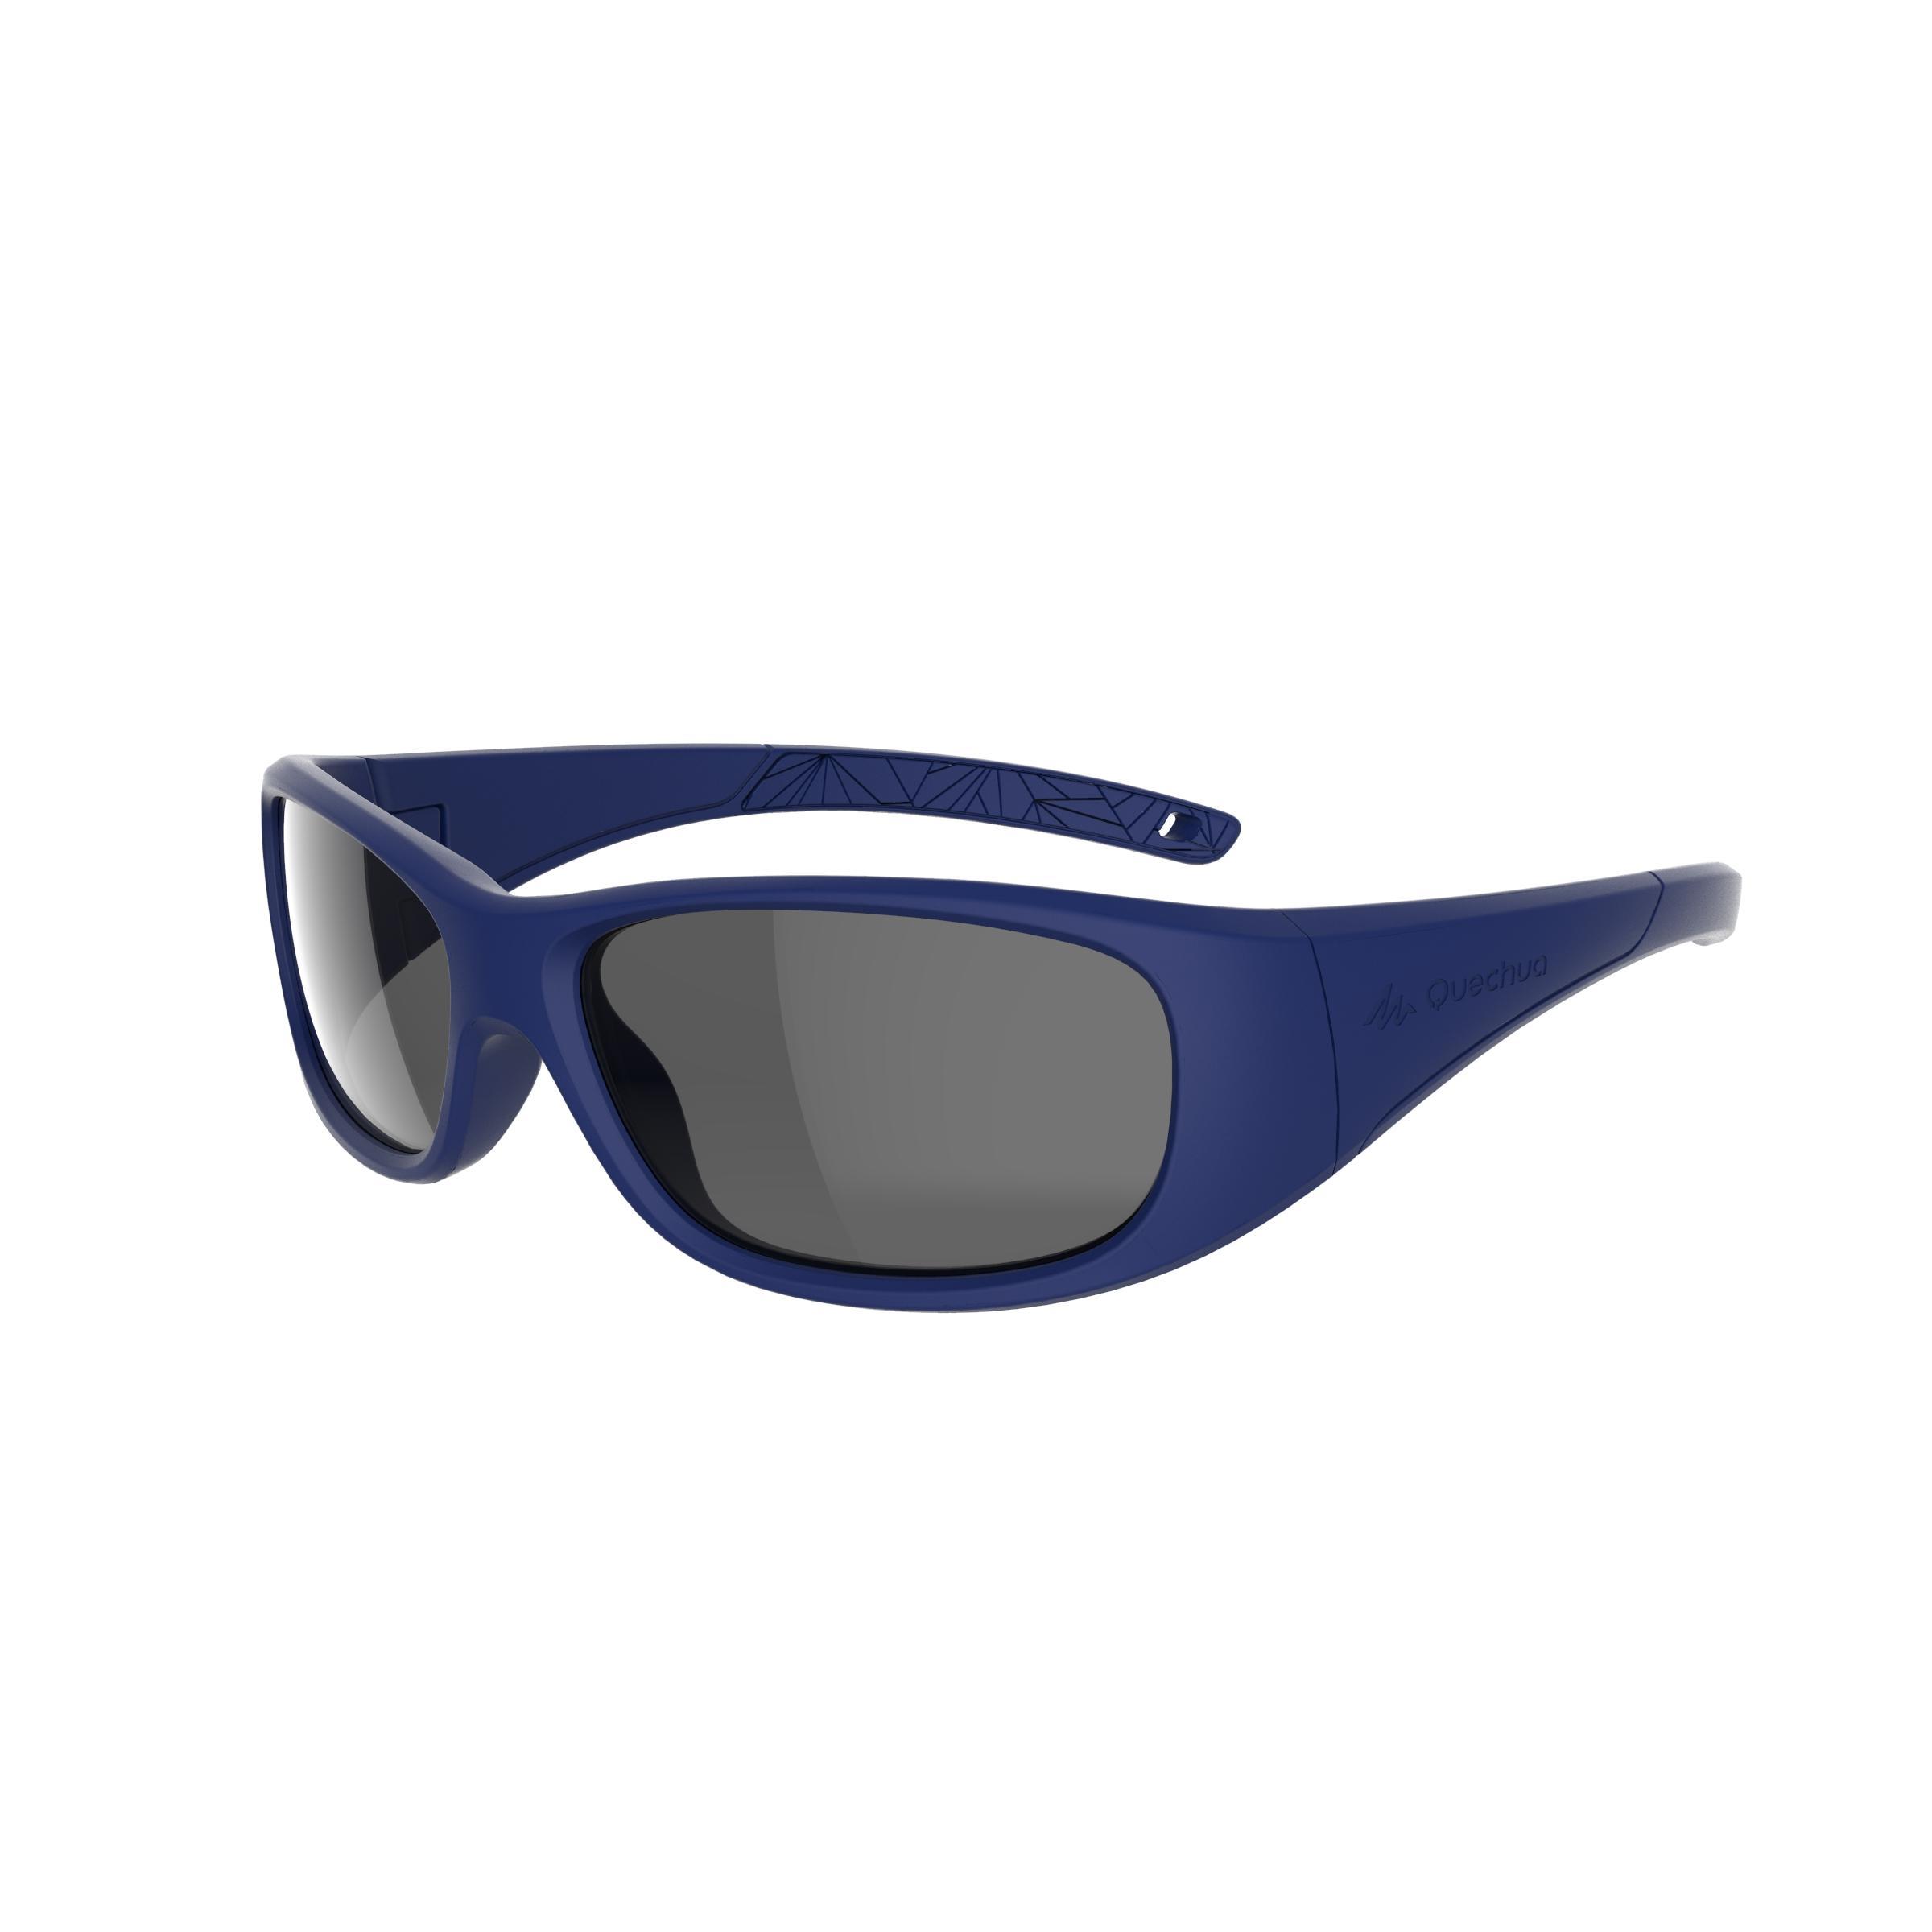 8bf5b349d Comprar gafas de sol para niños y bebés Online